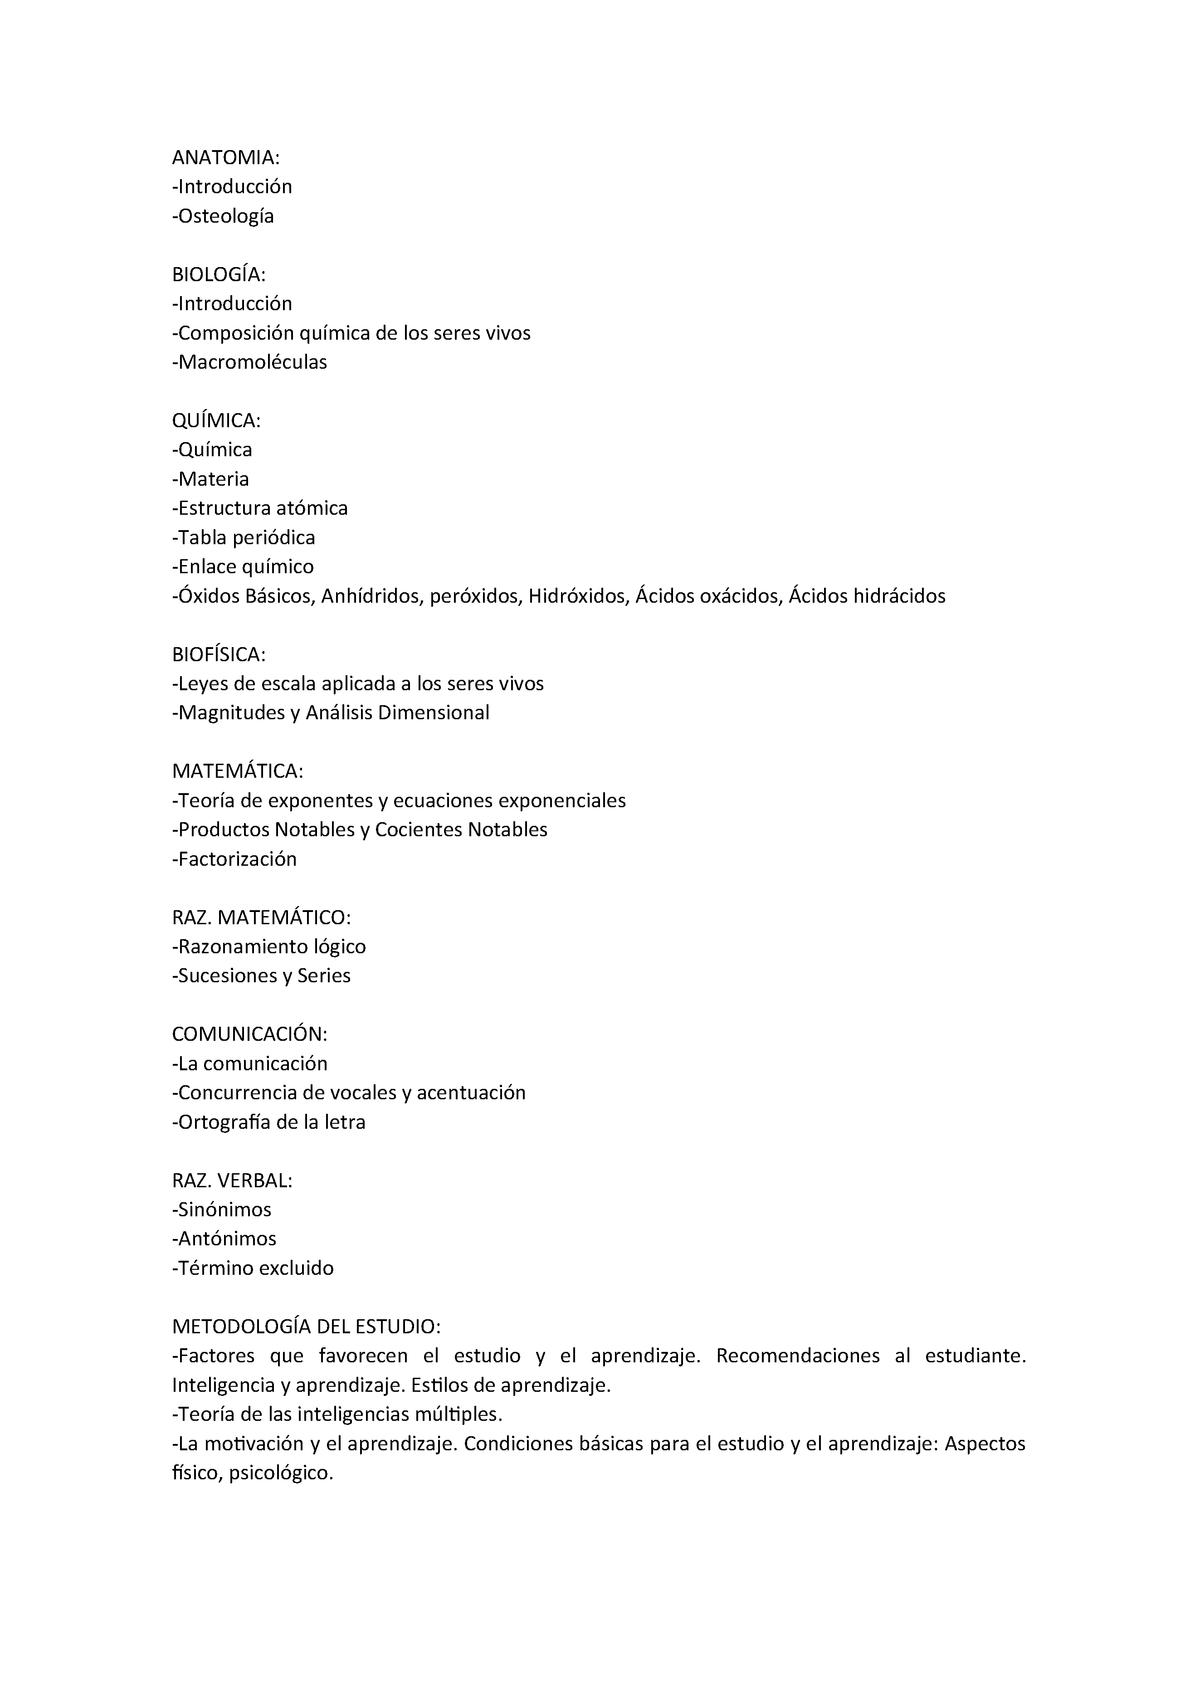 Examen 11 Febrero 2017 Preguntas Y Respuestas 054 Studocu